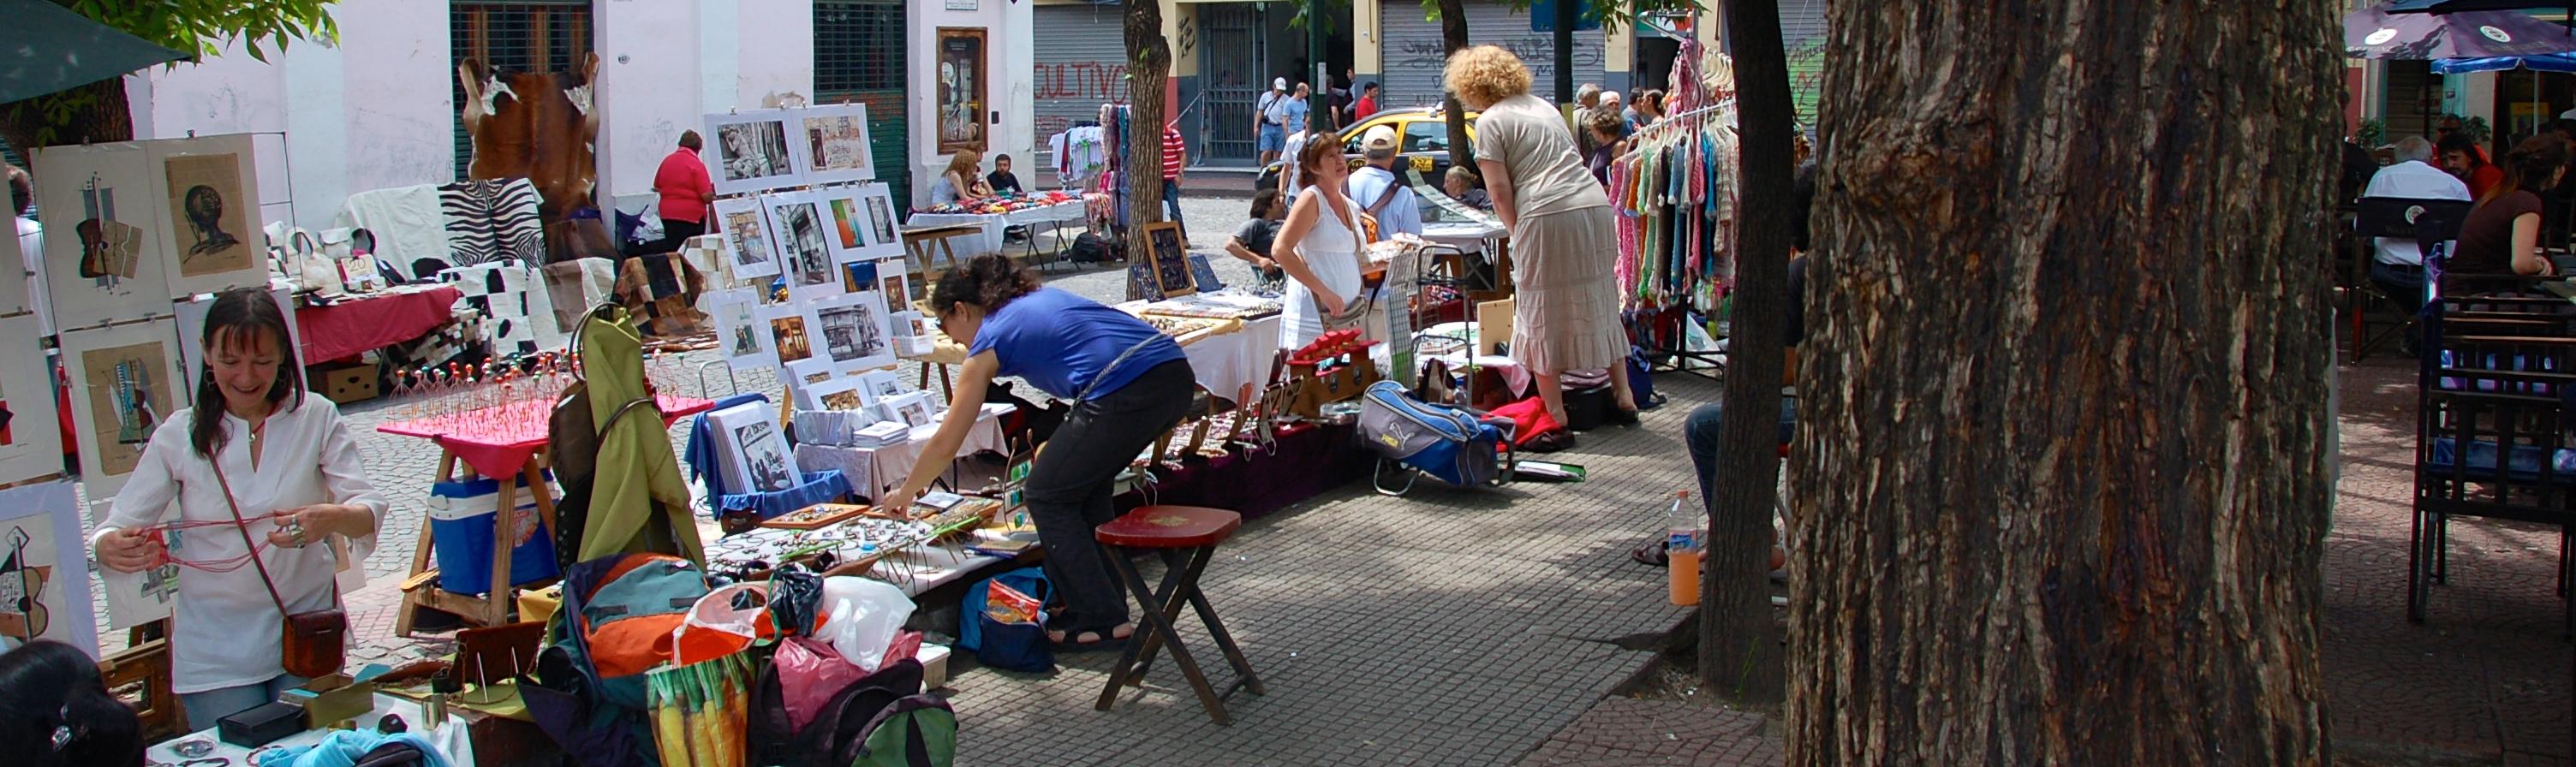 Plaza Dorrego, buenos Aires